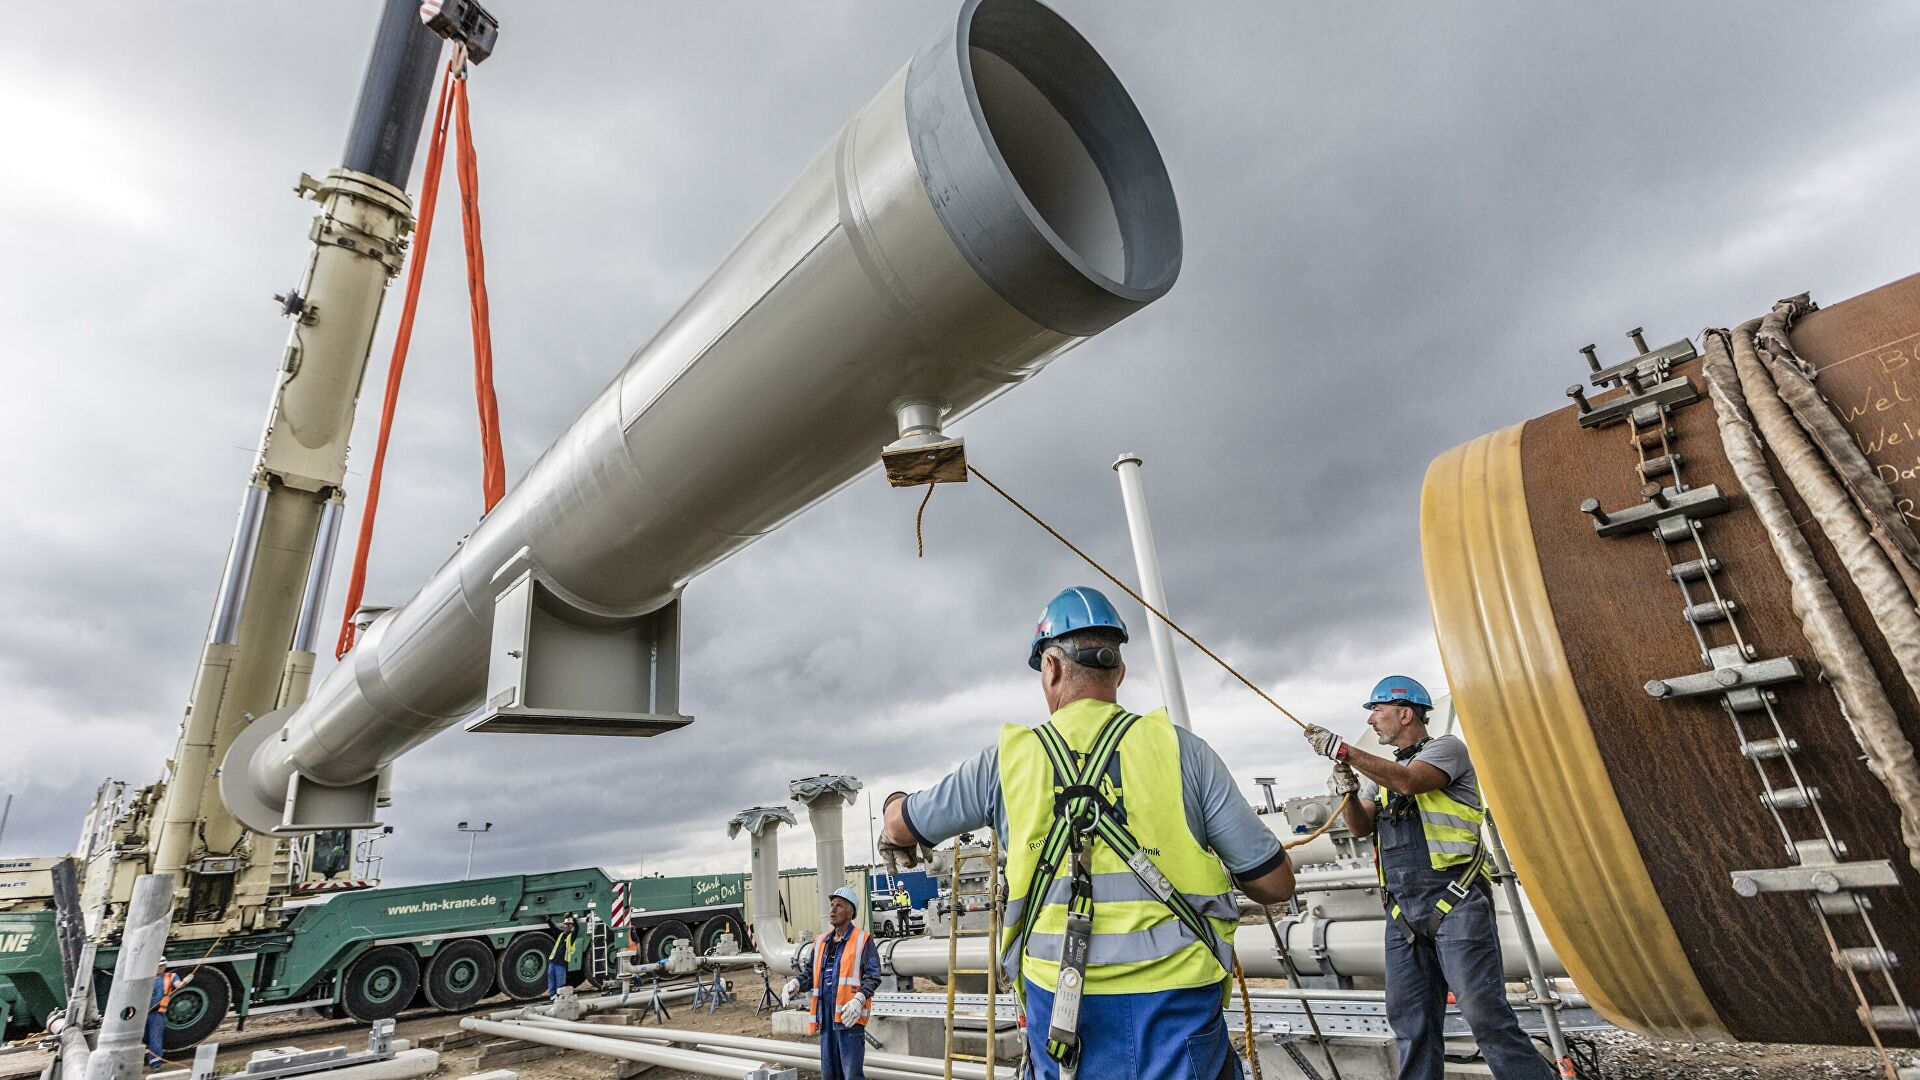 """Норвешка компанија не може да сертификује гасовод """"Северни ток 2"""" због америчких санкција"""